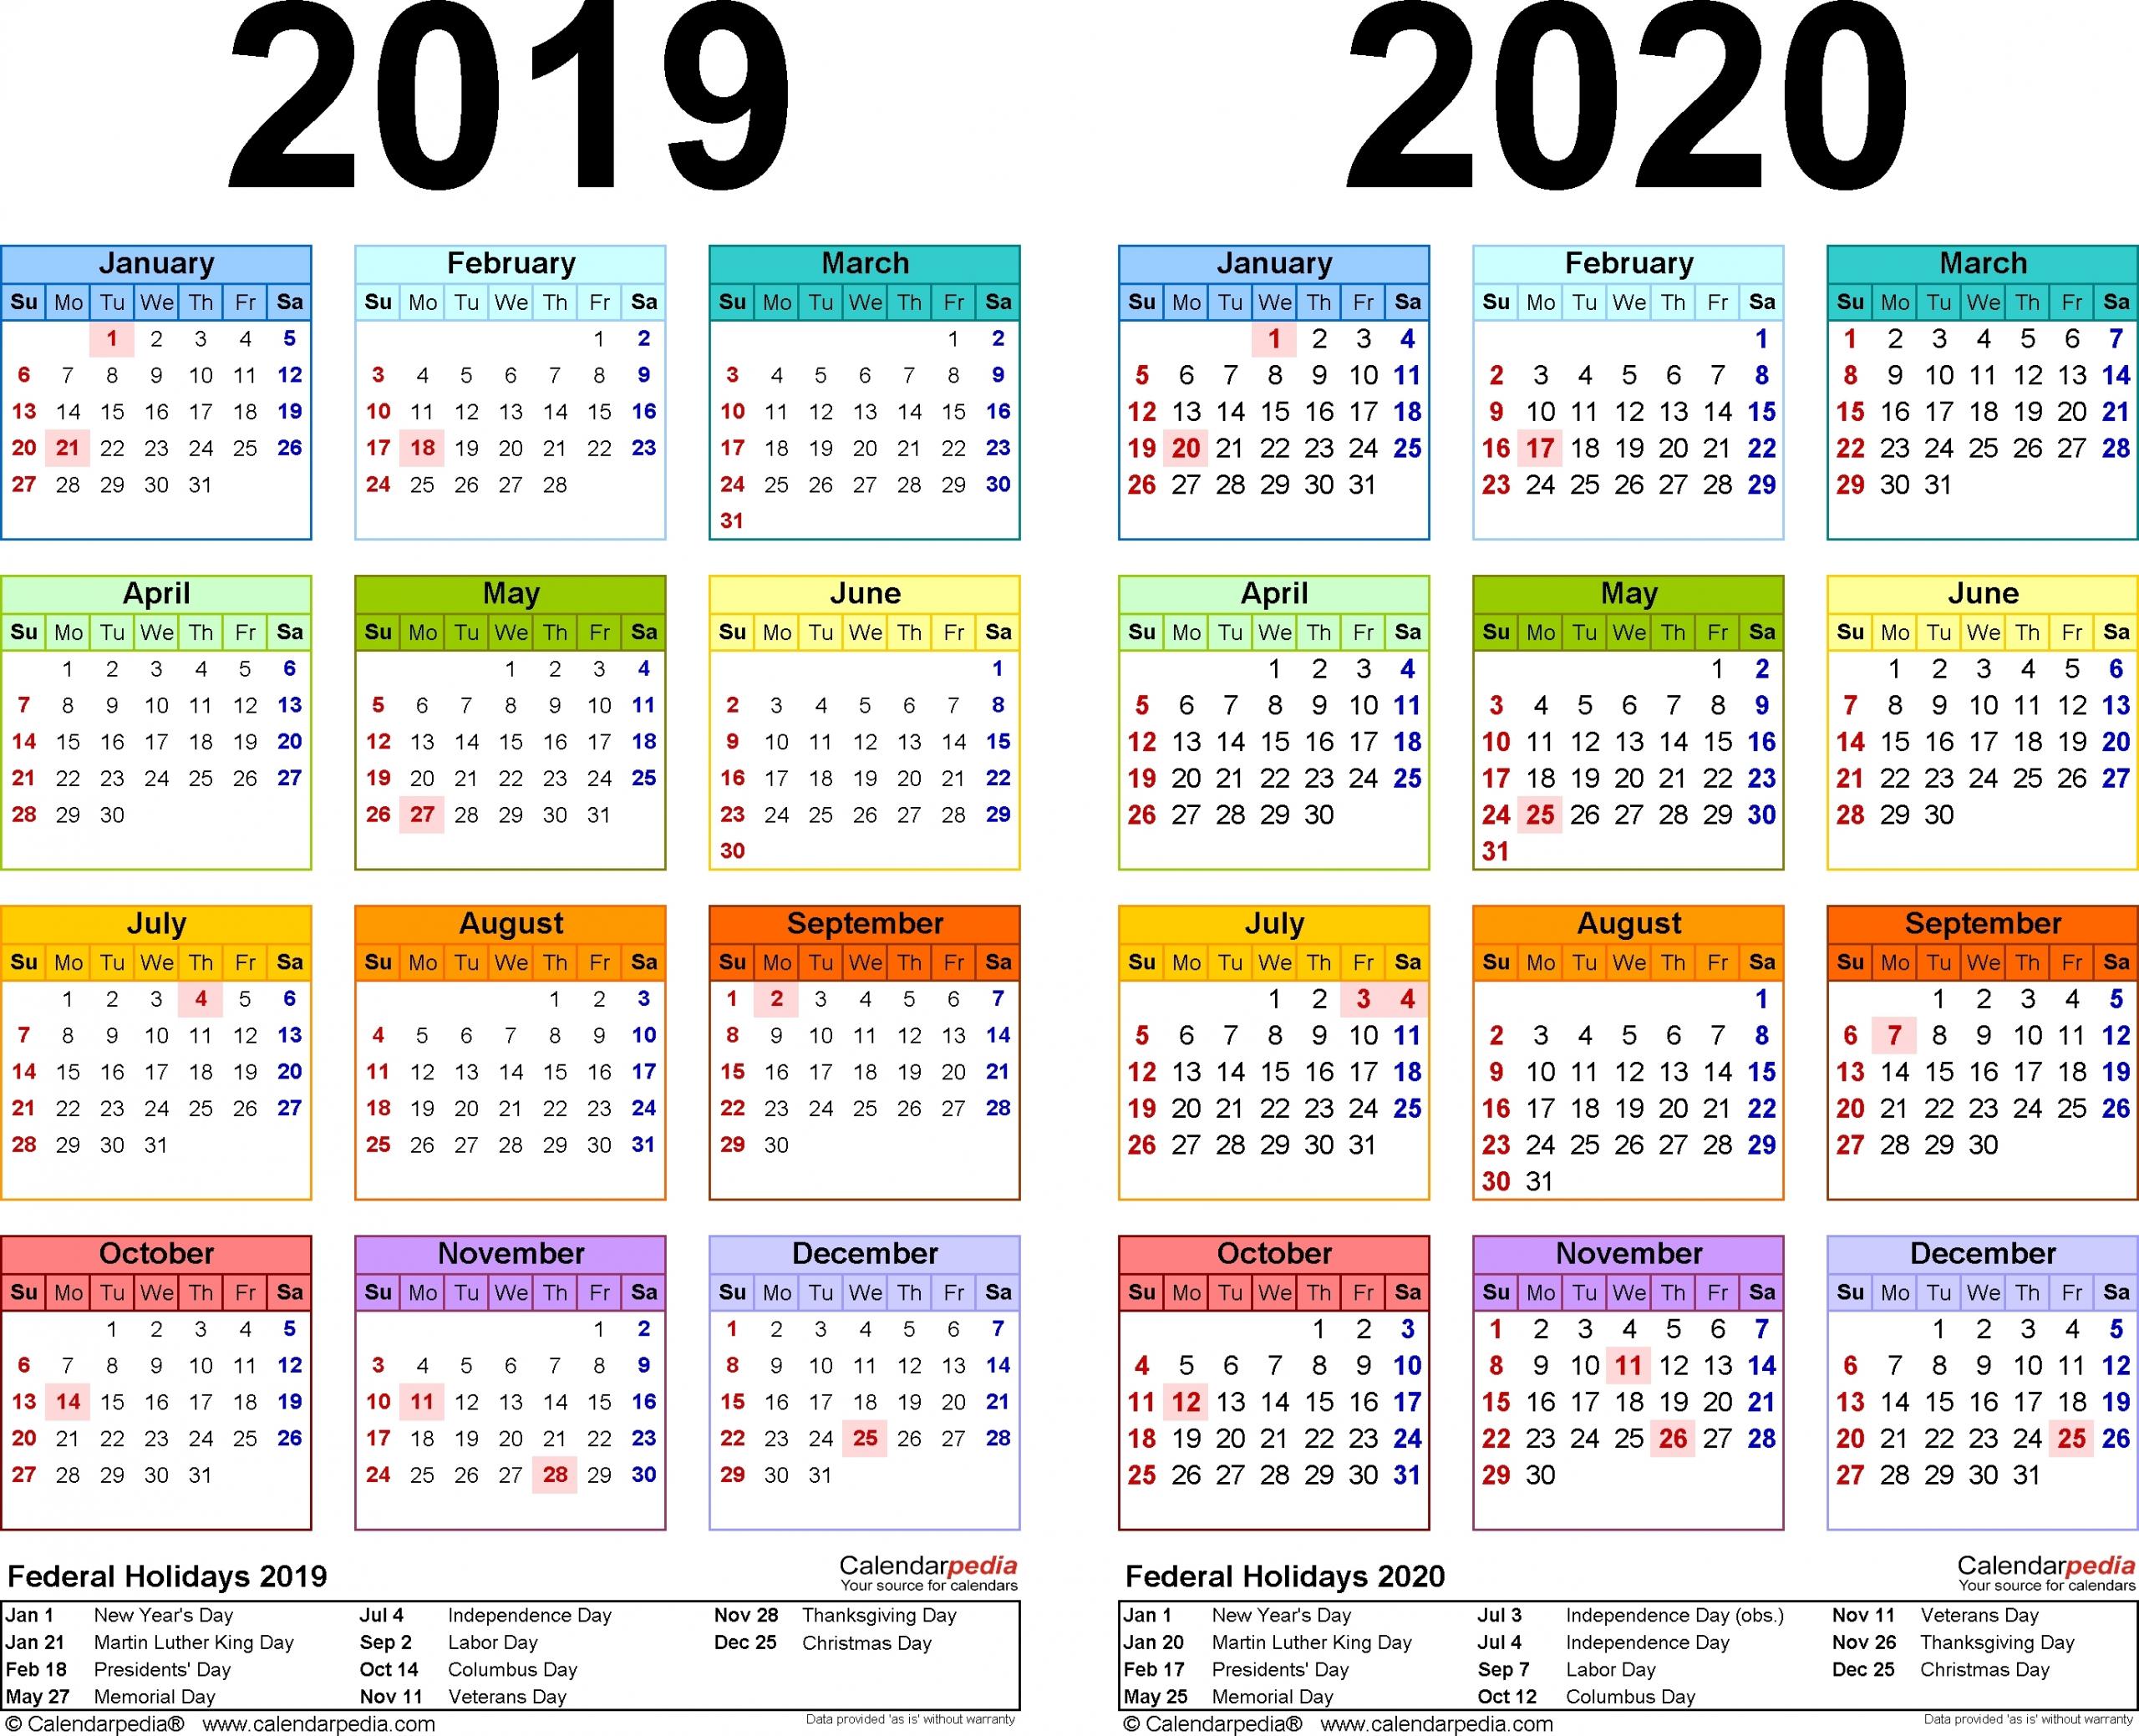 Depo Calendar 2021 Printable | Calendar Template Printable  Depo Provera 2021 Leap Year Calendar